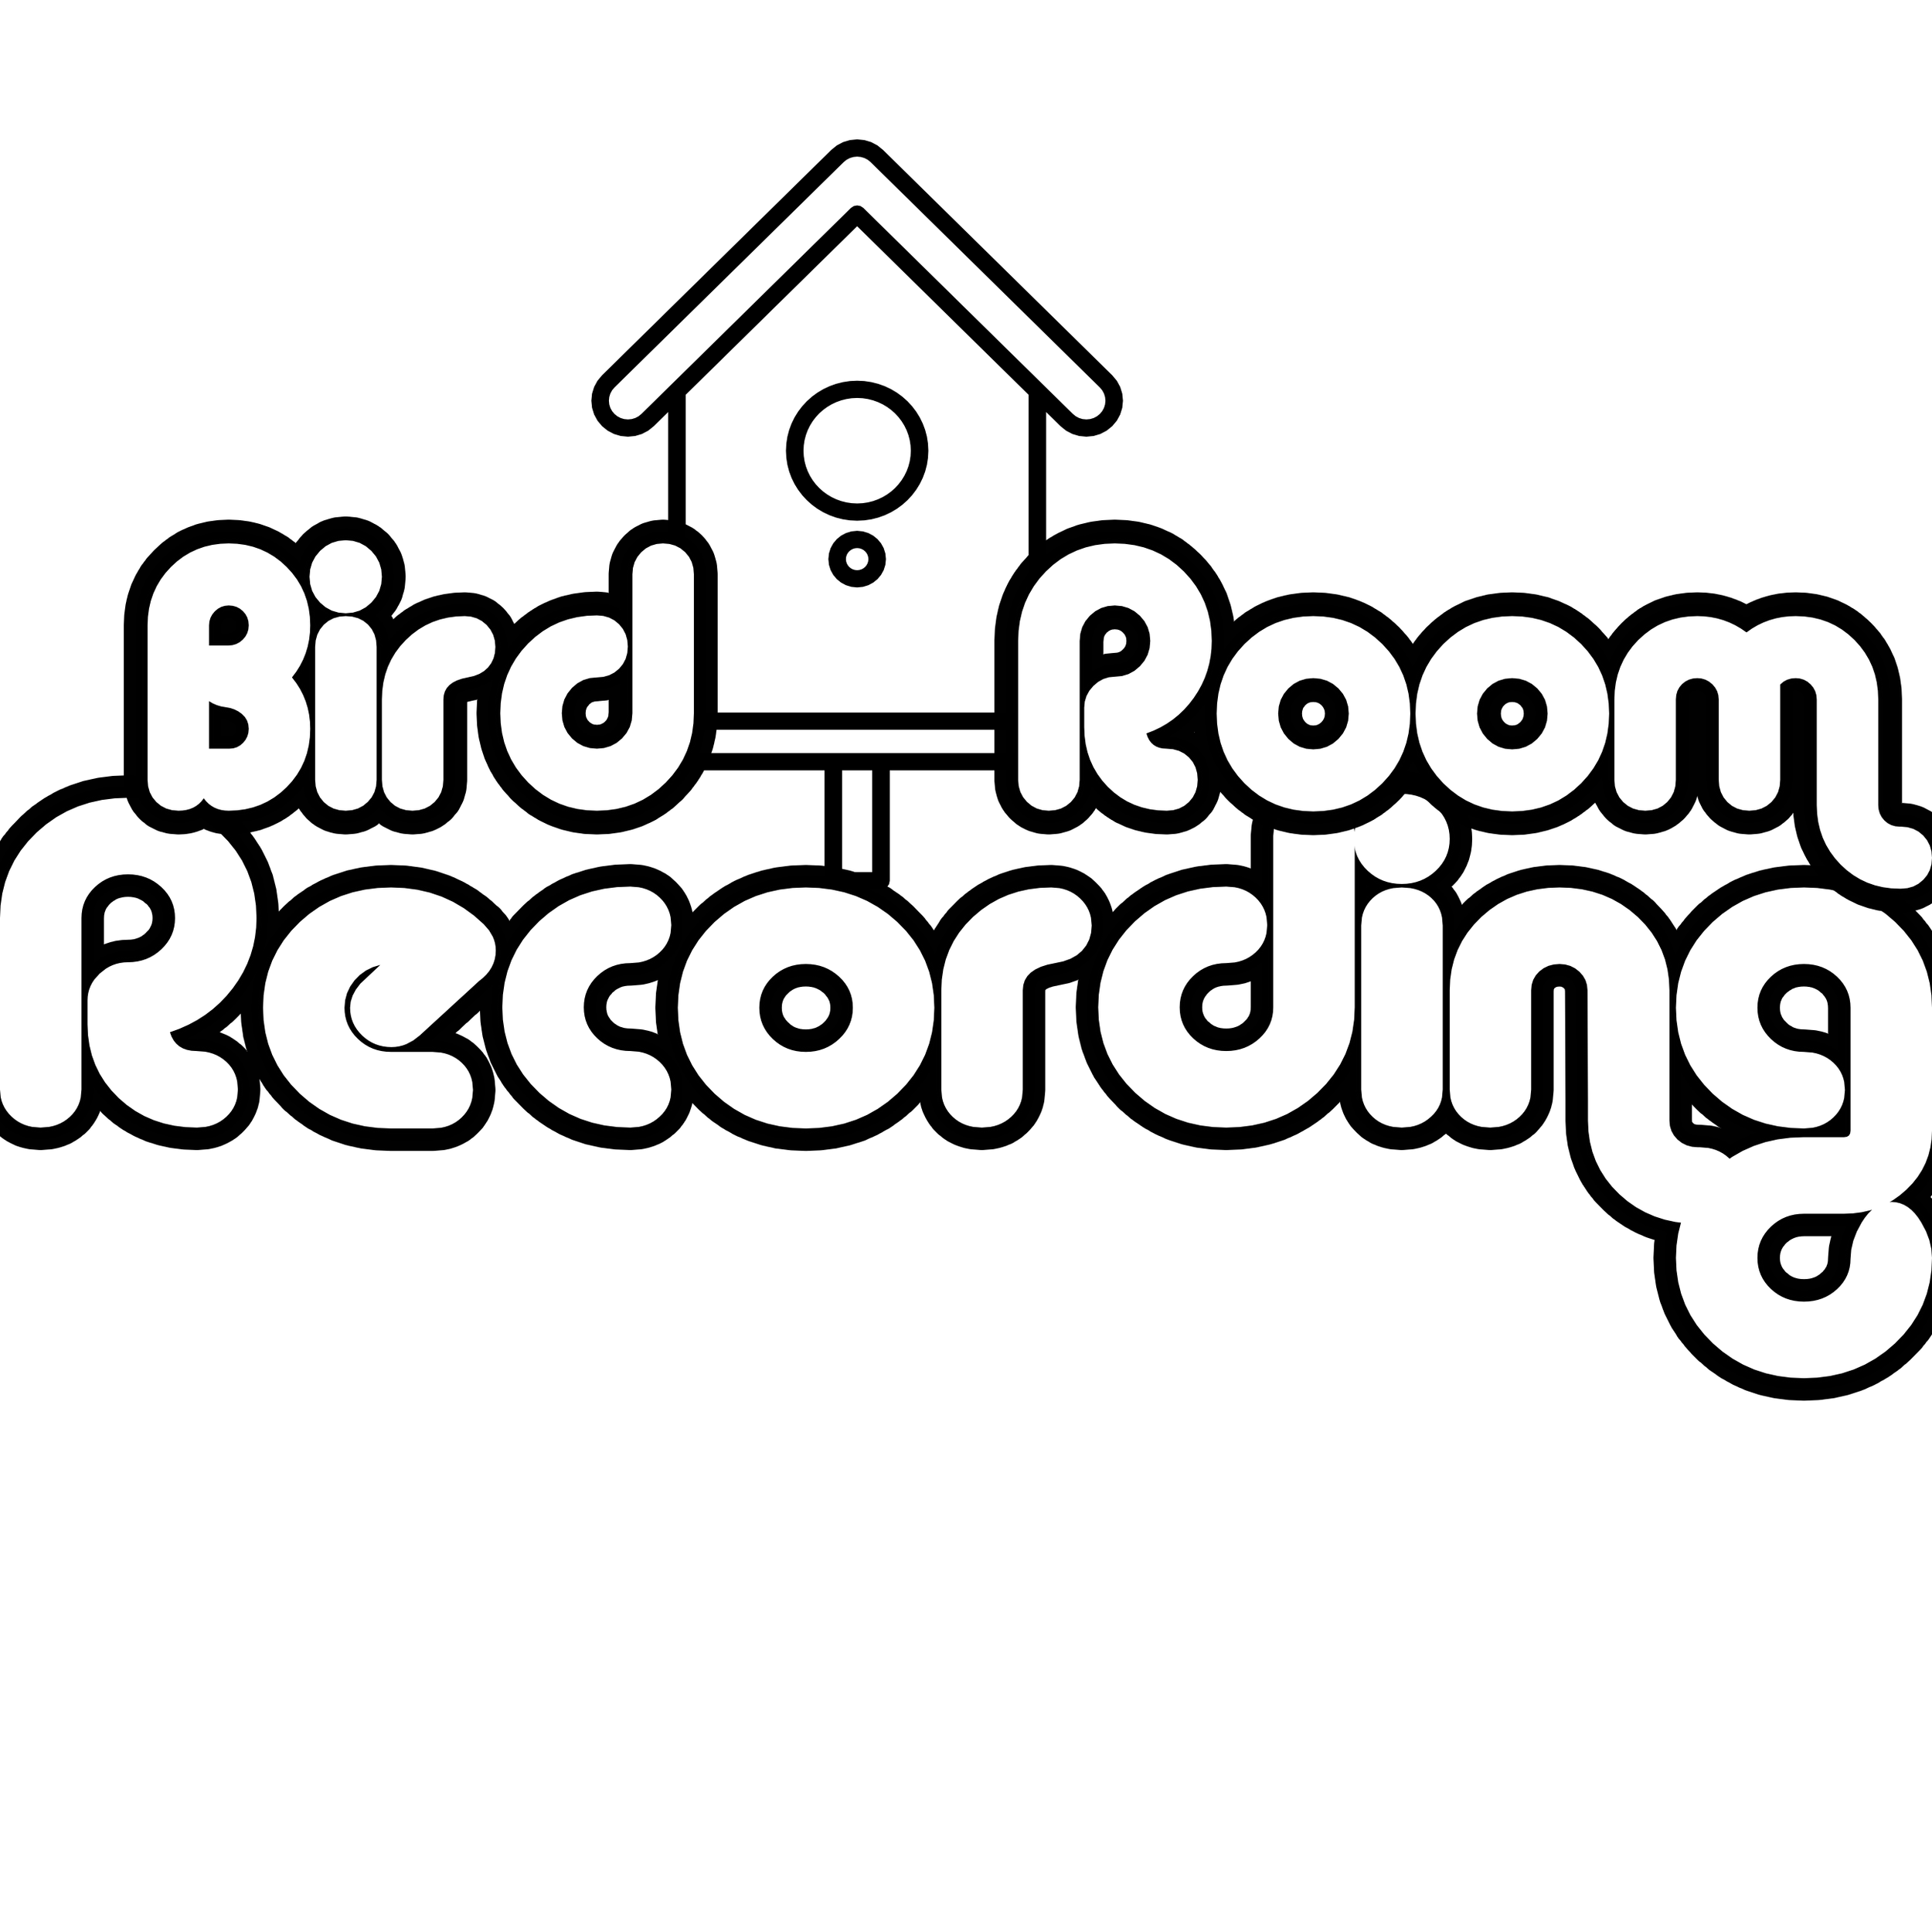 birdroom1.png